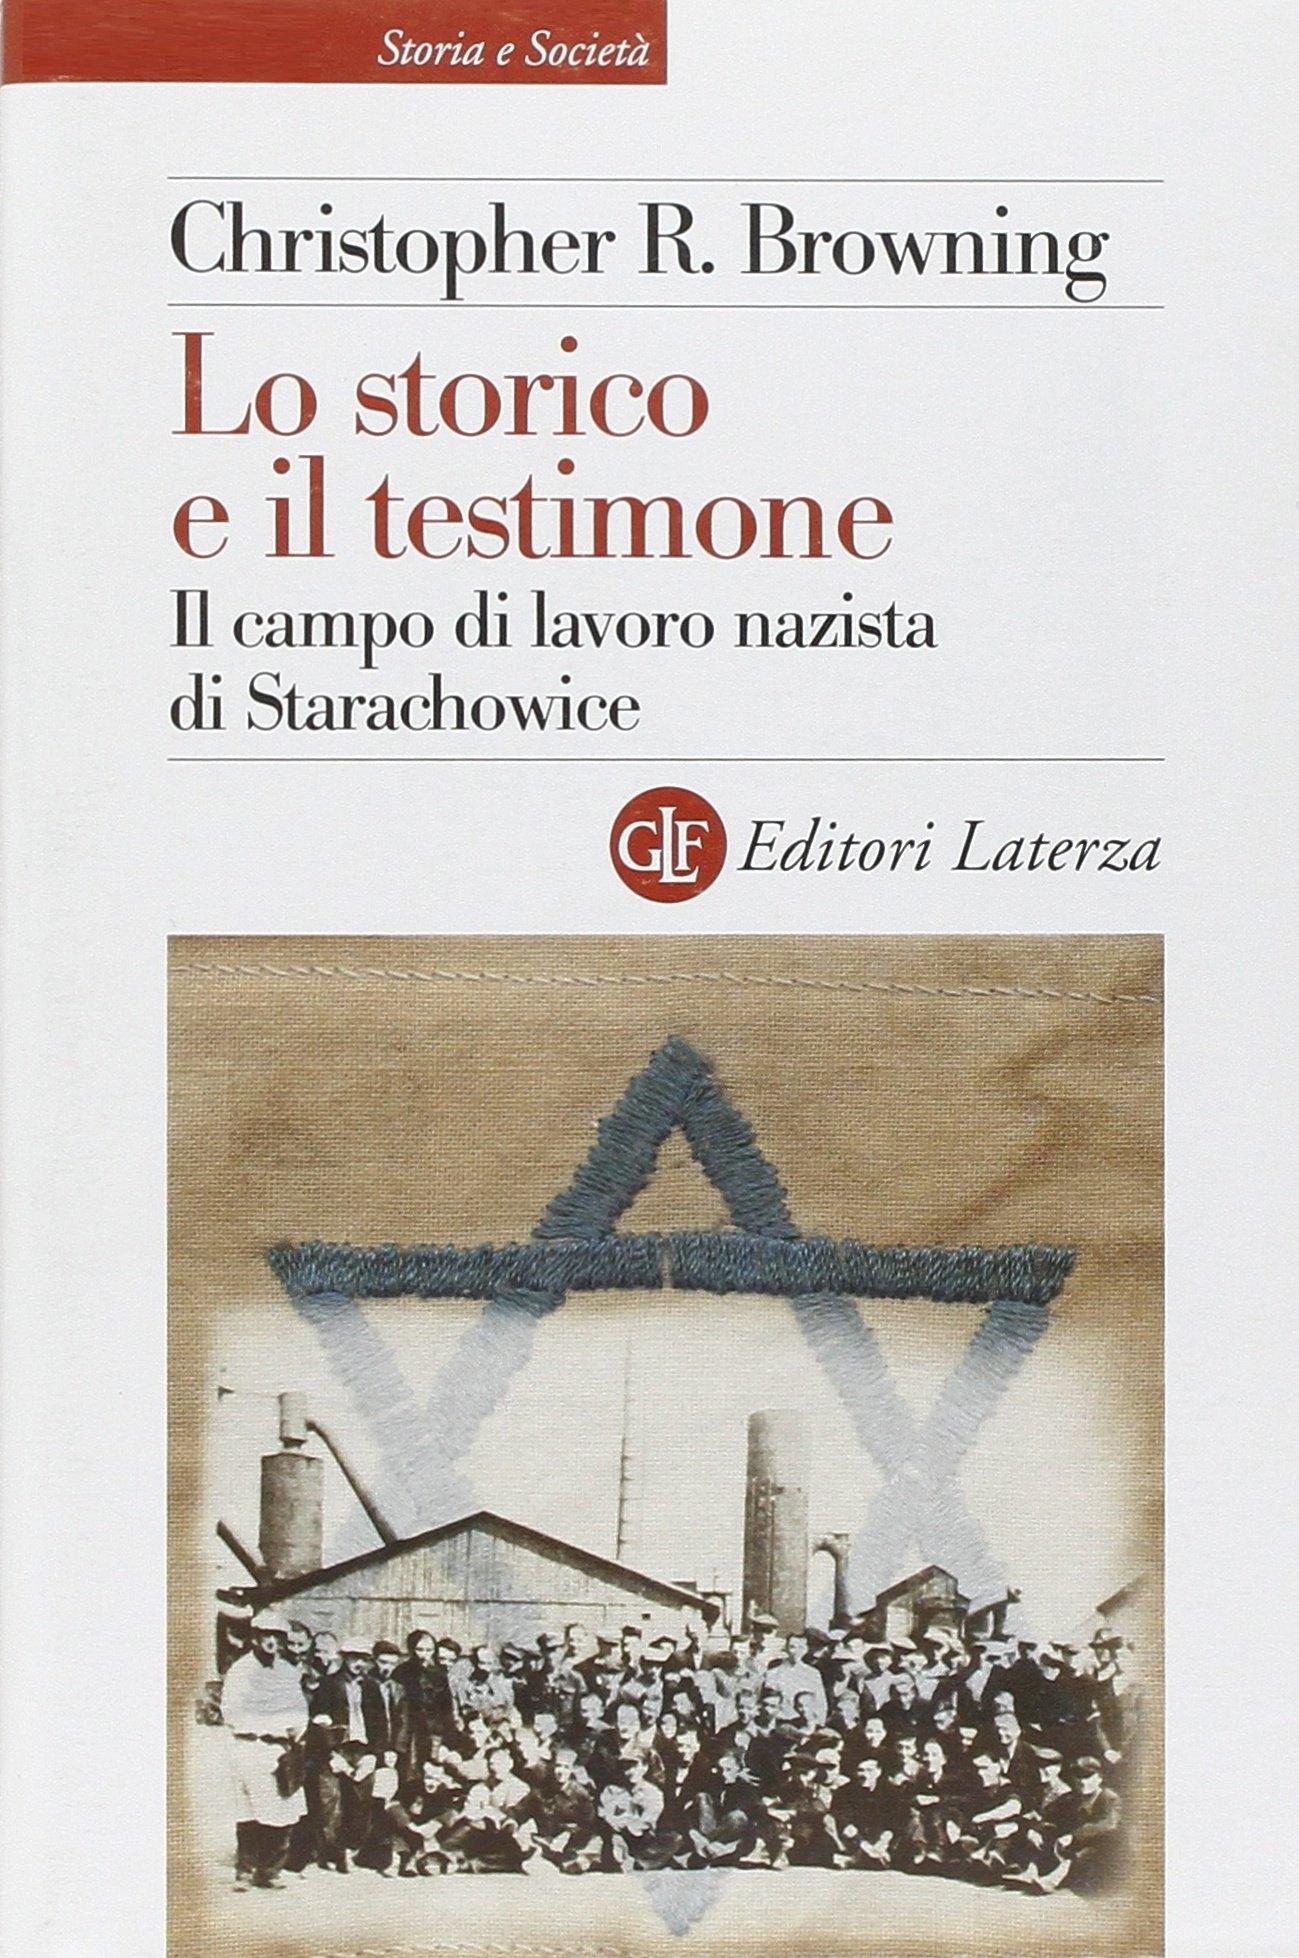 Lo storico e il testimone. Il campo di lavoro nazista di Starachowice